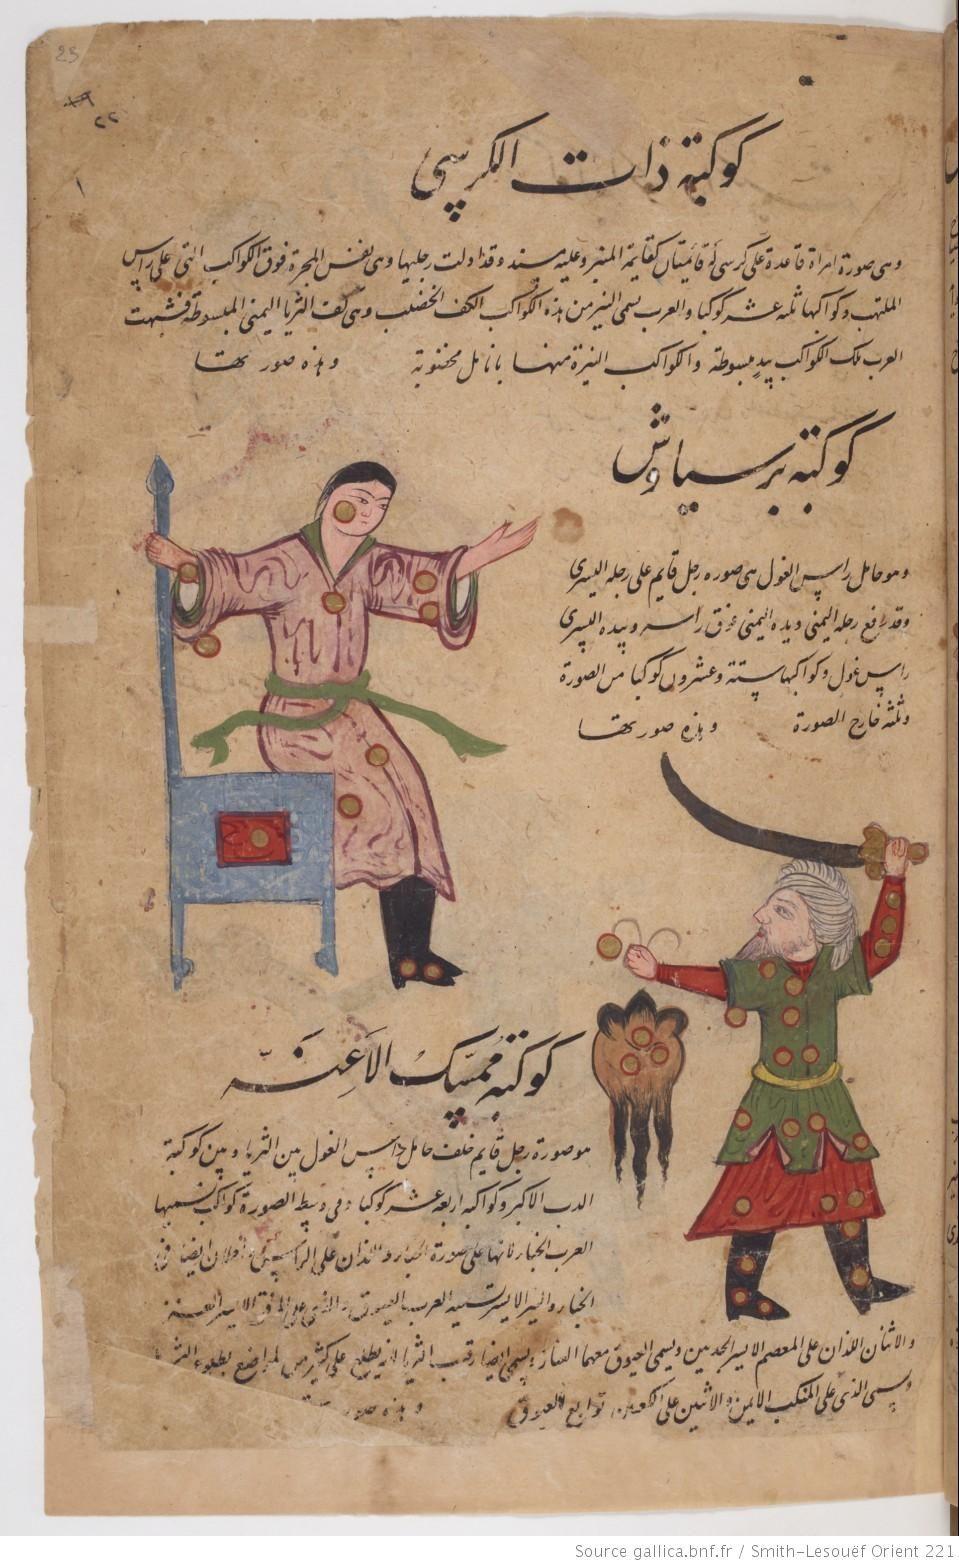 القزويني عجائب المخلوقات وغرائب الموجودات Kitap Arkeoloji